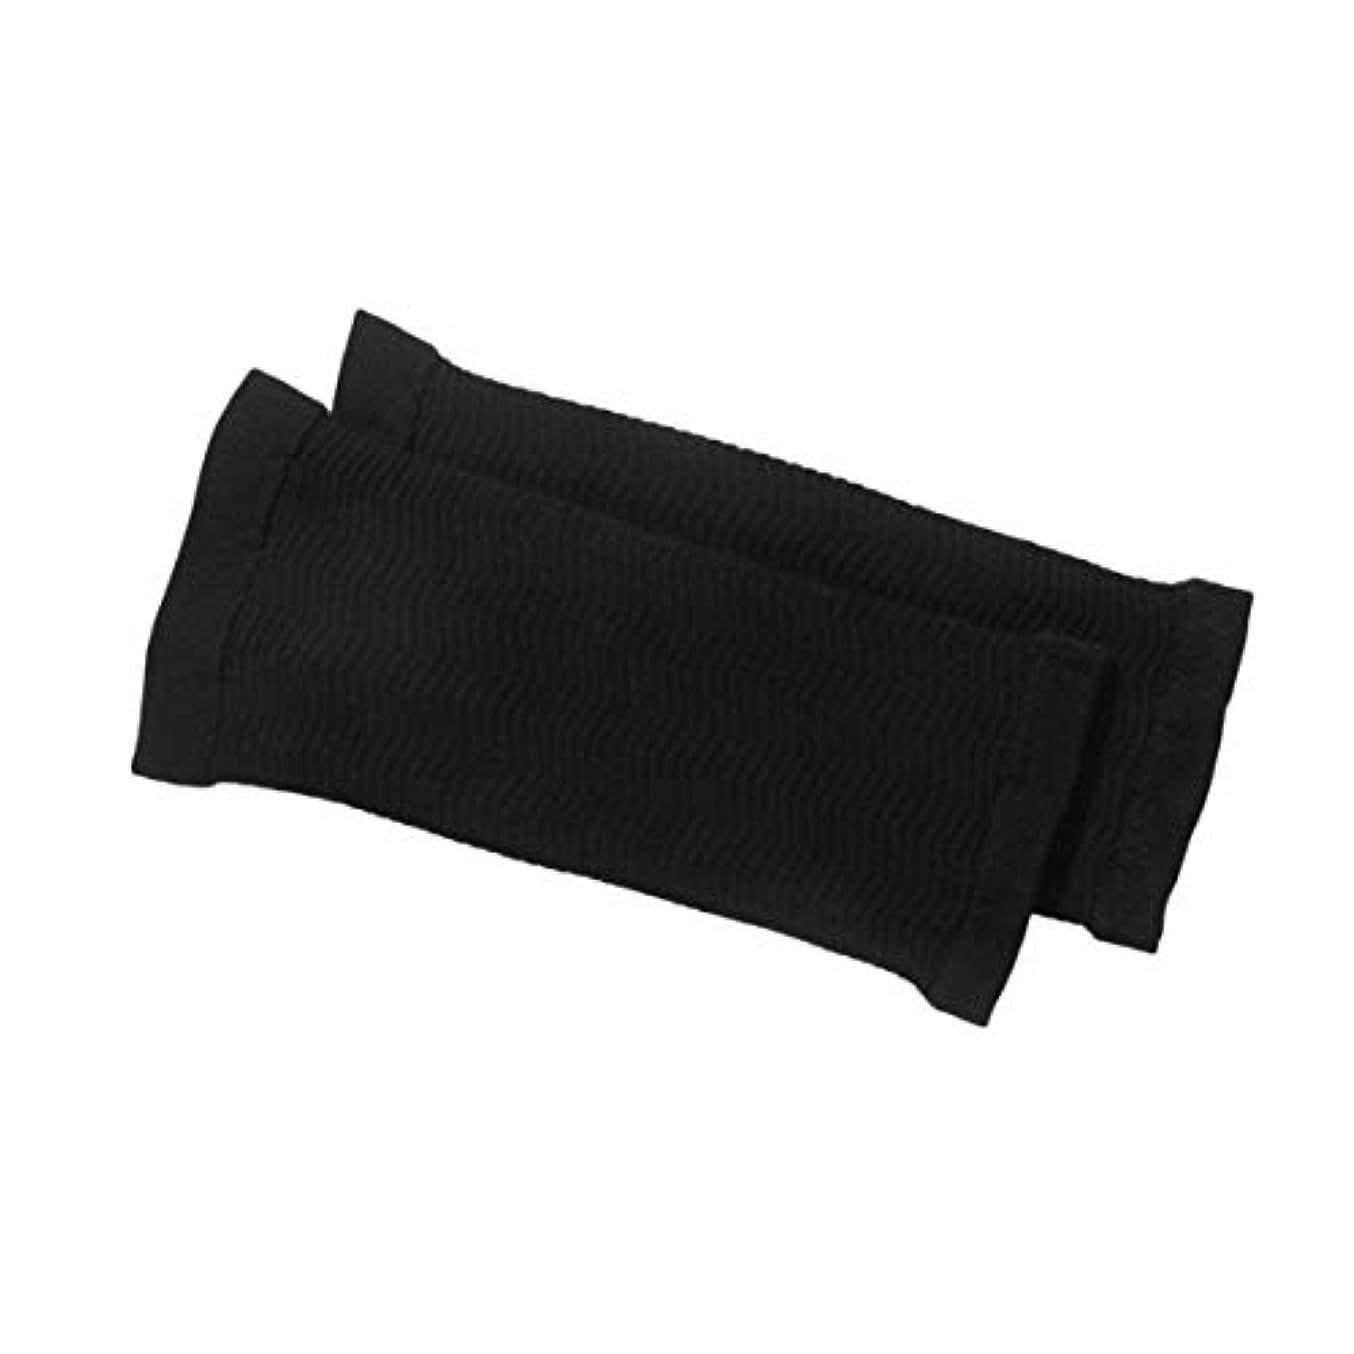 二気配りのある弓1ペア420 D圧縮痩身アームスリーブワークアウトトーニングバーンセルライトシェイパー脂肪燃焼袖用女性 - 黒